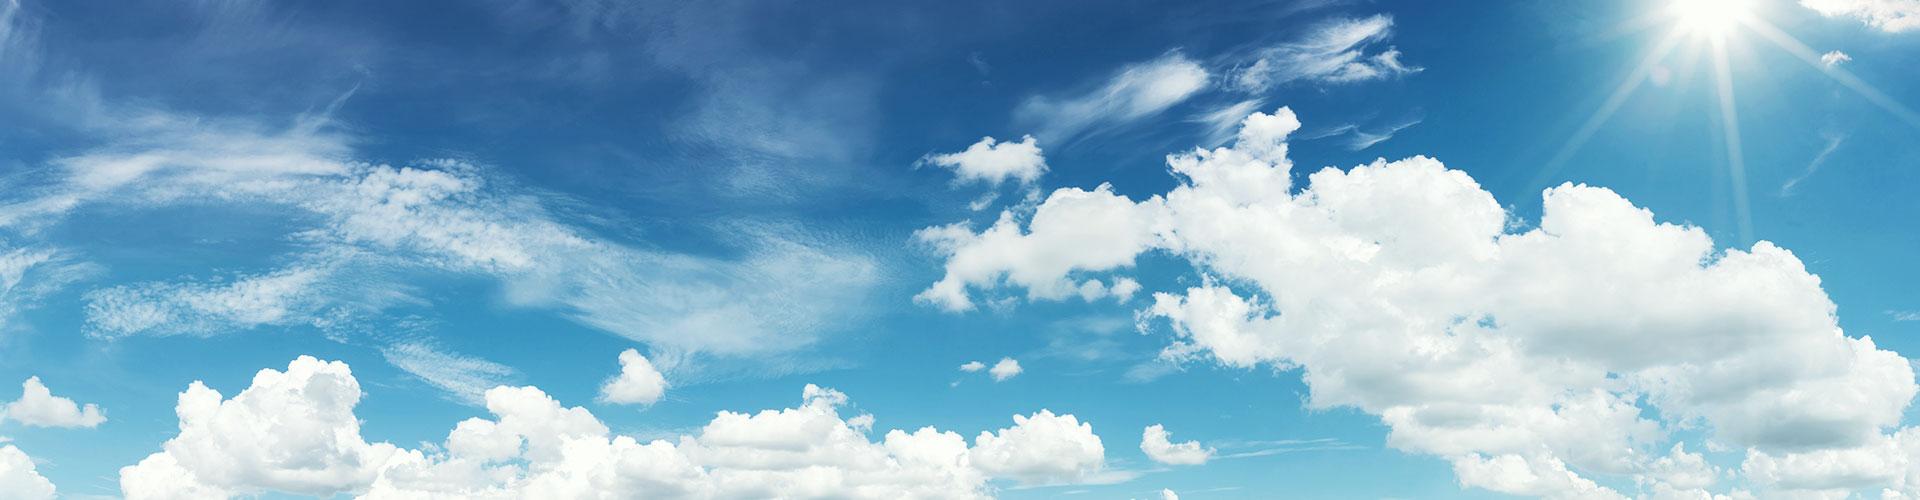 Ein strahlend blauer Himmel mit wenigen Wolken